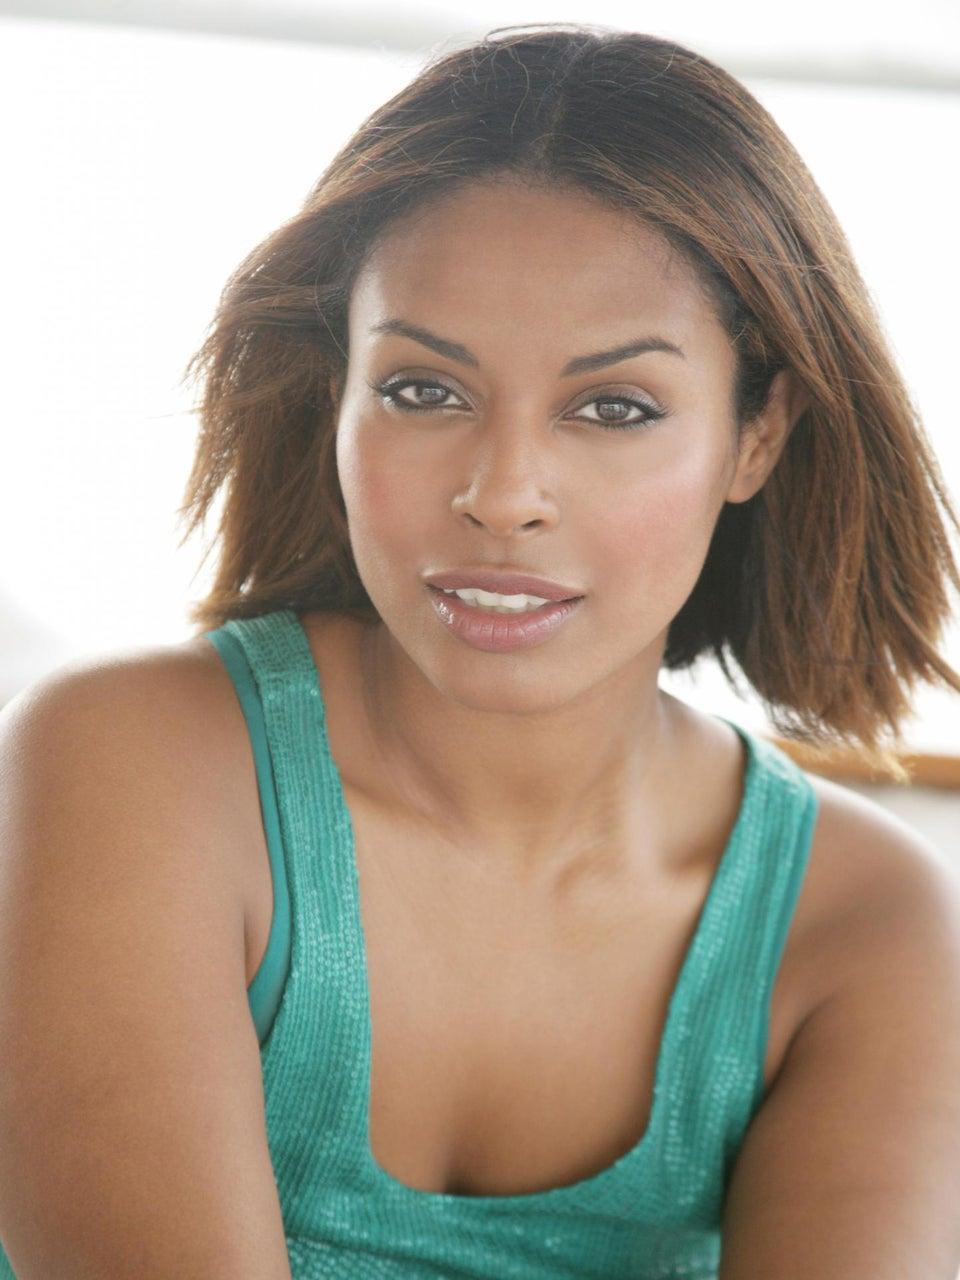 Jordan Tesfay Talks Beauty